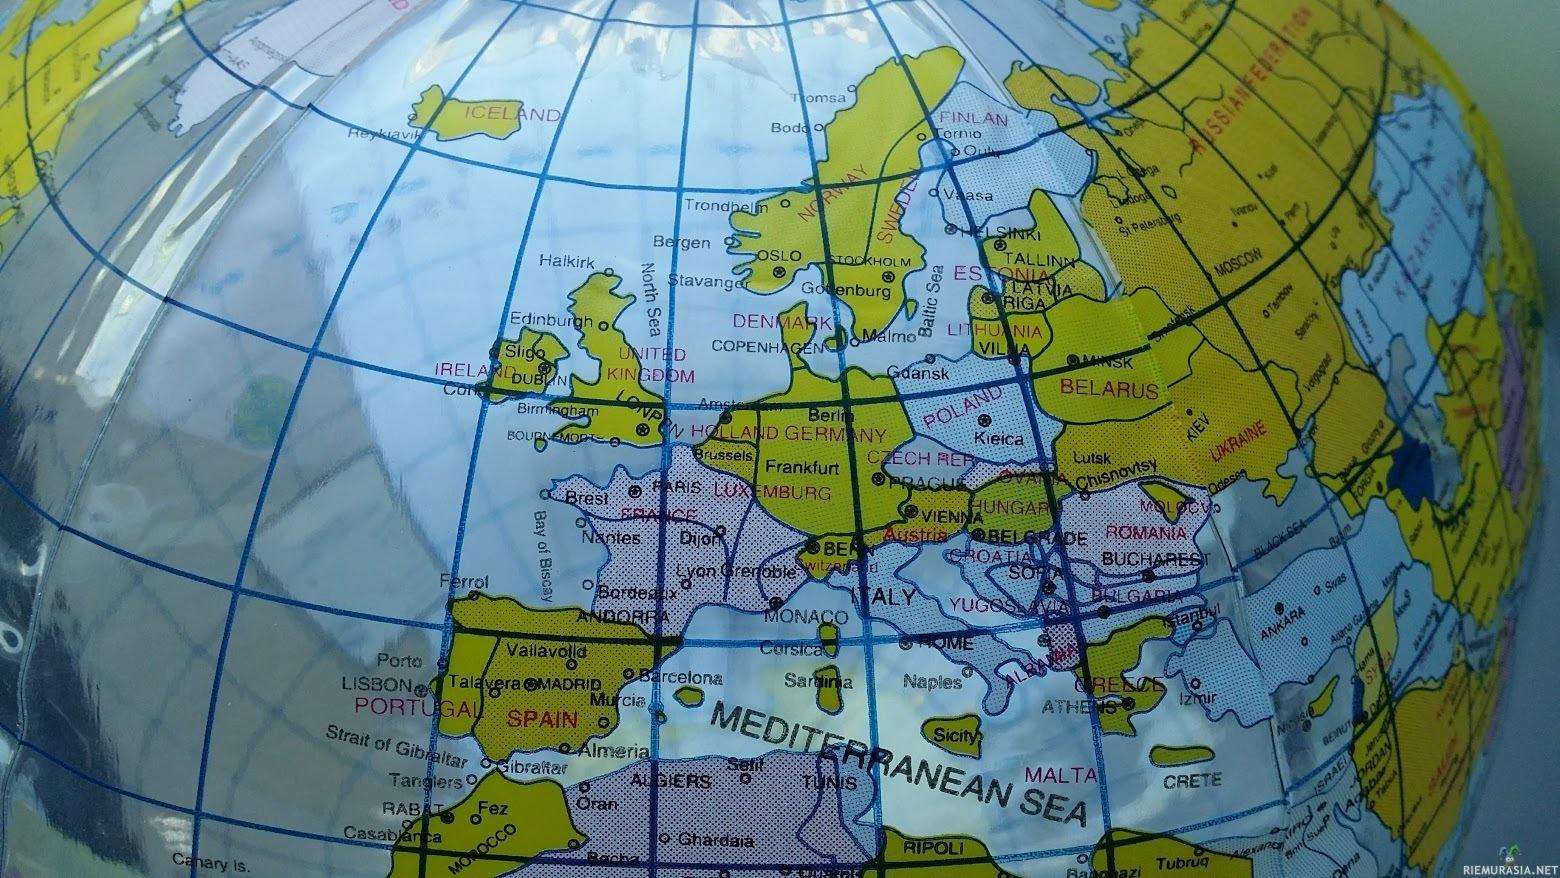 Tarkka Euroopan Kartta Puhallettavassa Rantapallossa